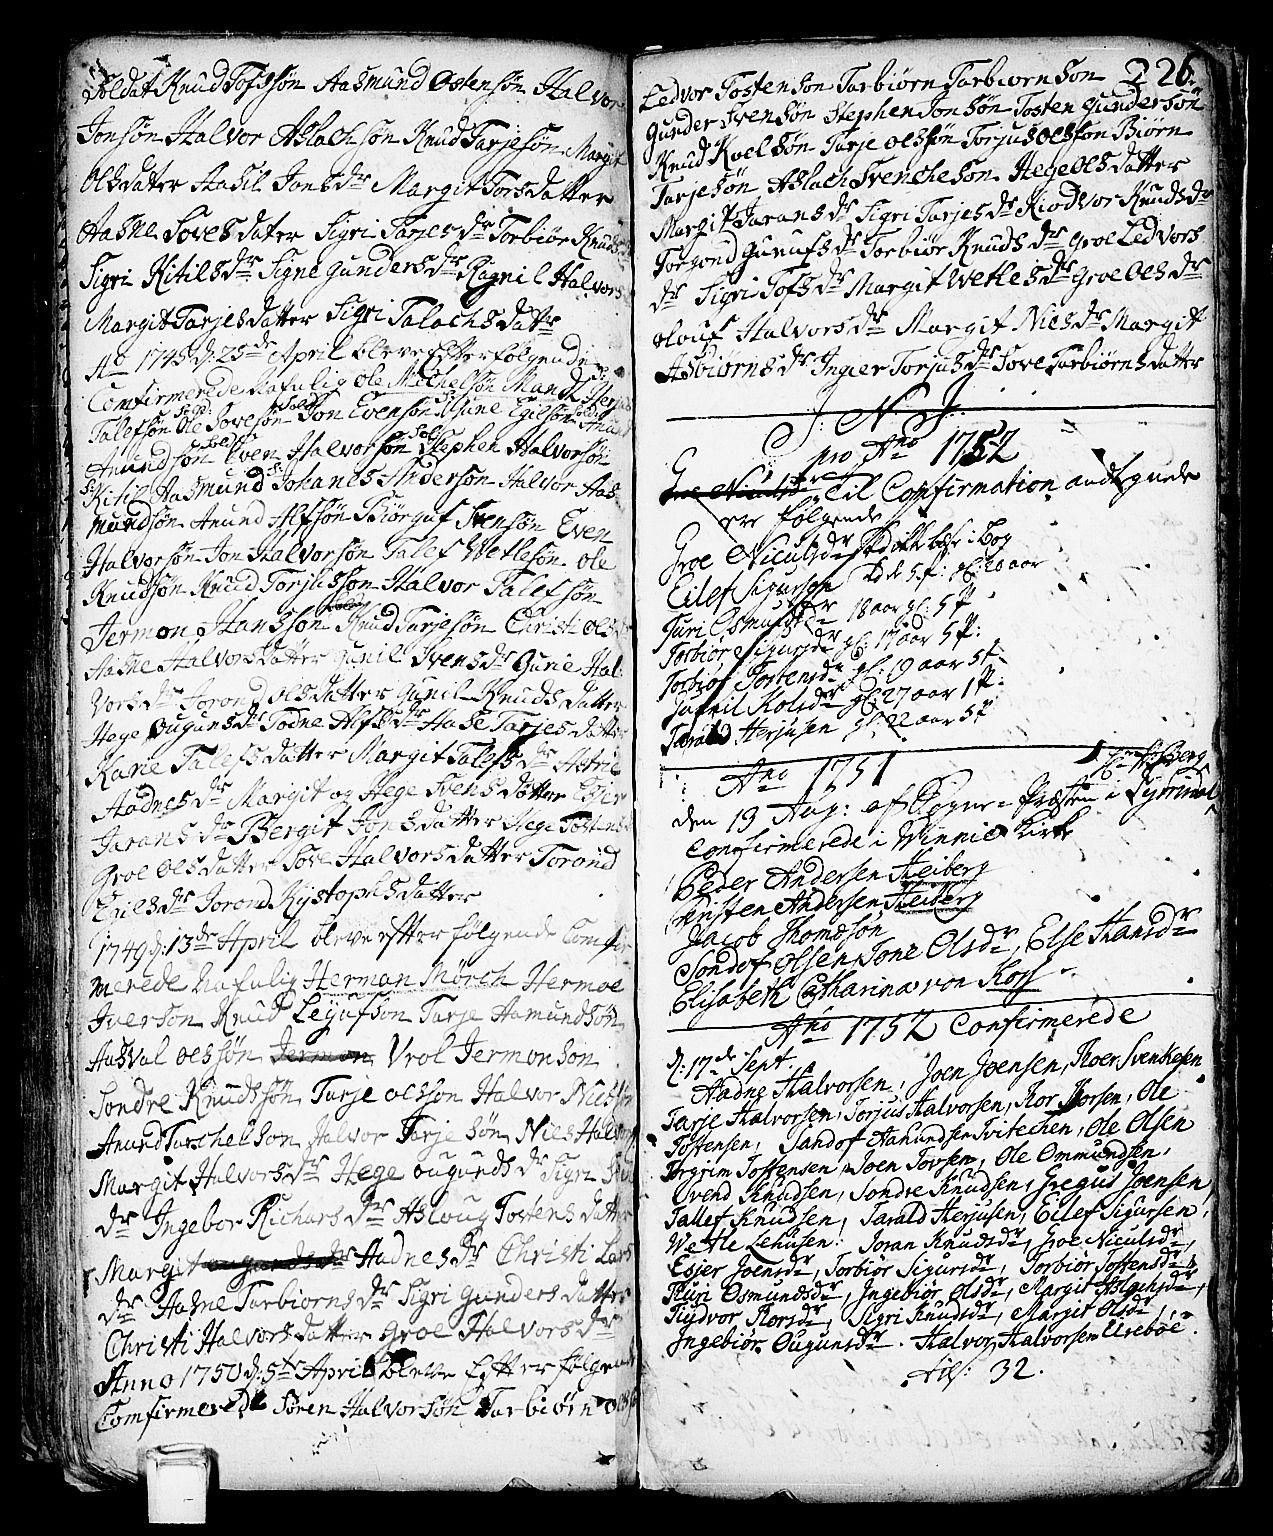 SAKO, Vinje kirkebøker, F/Fa/L0001: Ministerialbok nr. I 1, 1717-1766, s. 226